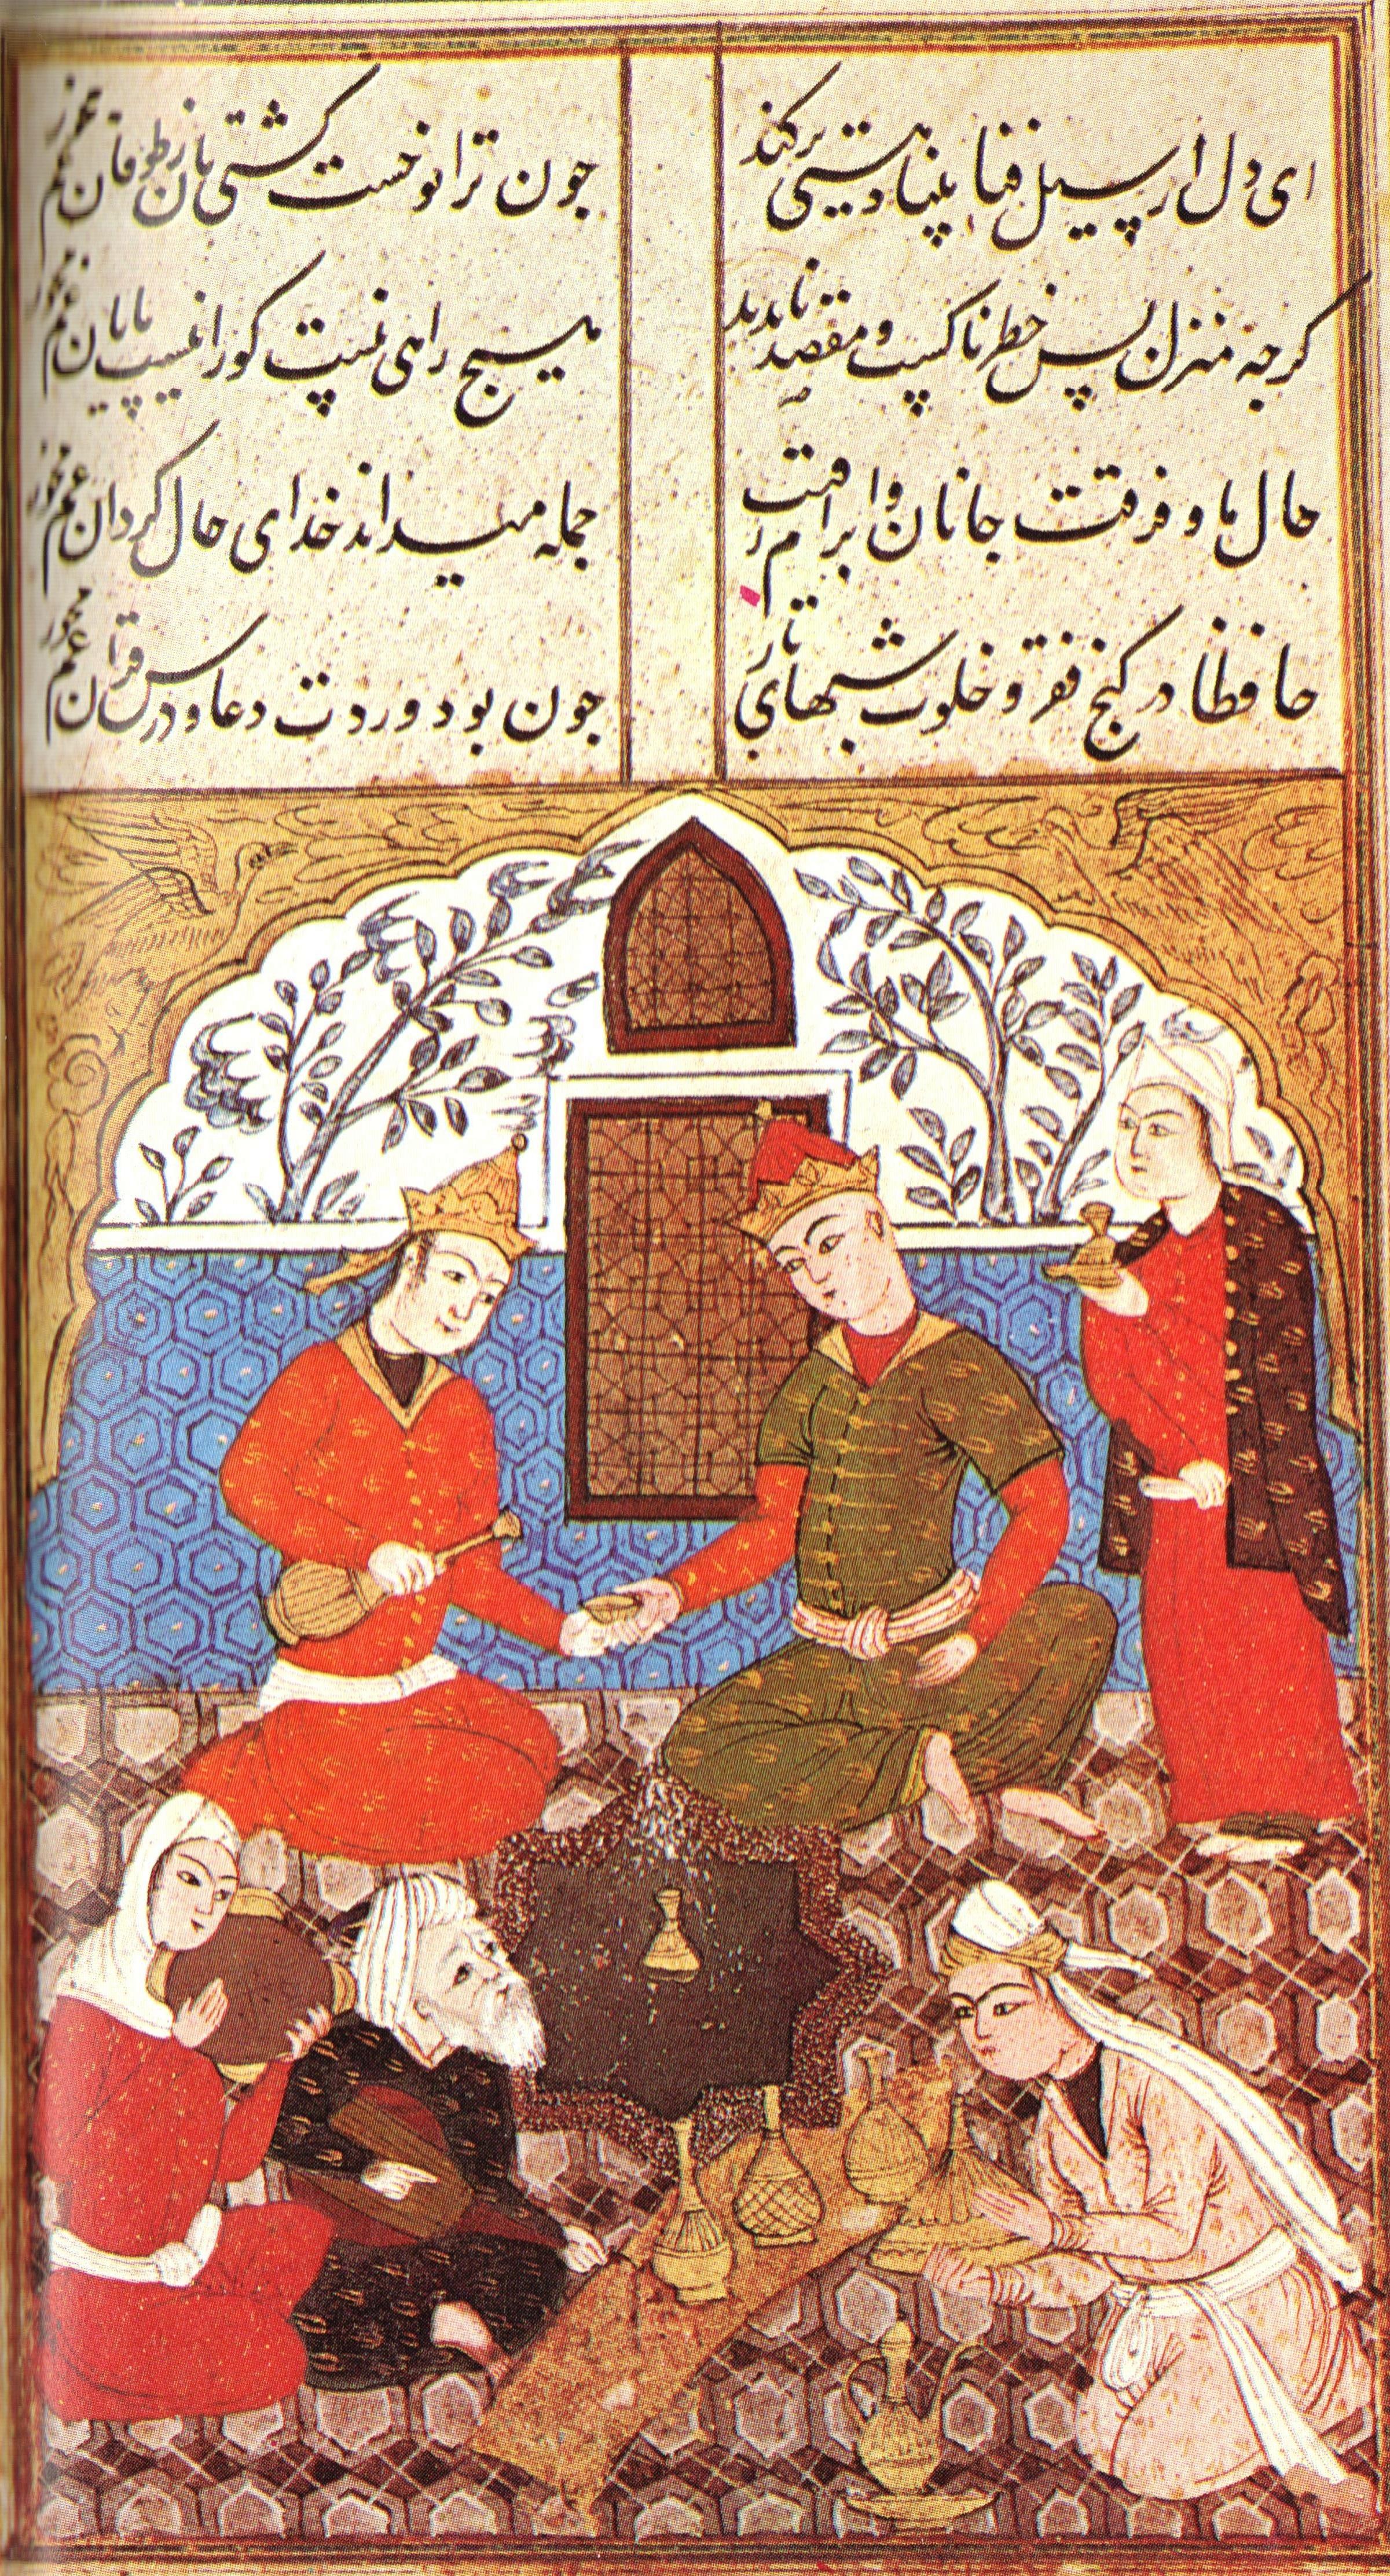 992 (1584).jpeg